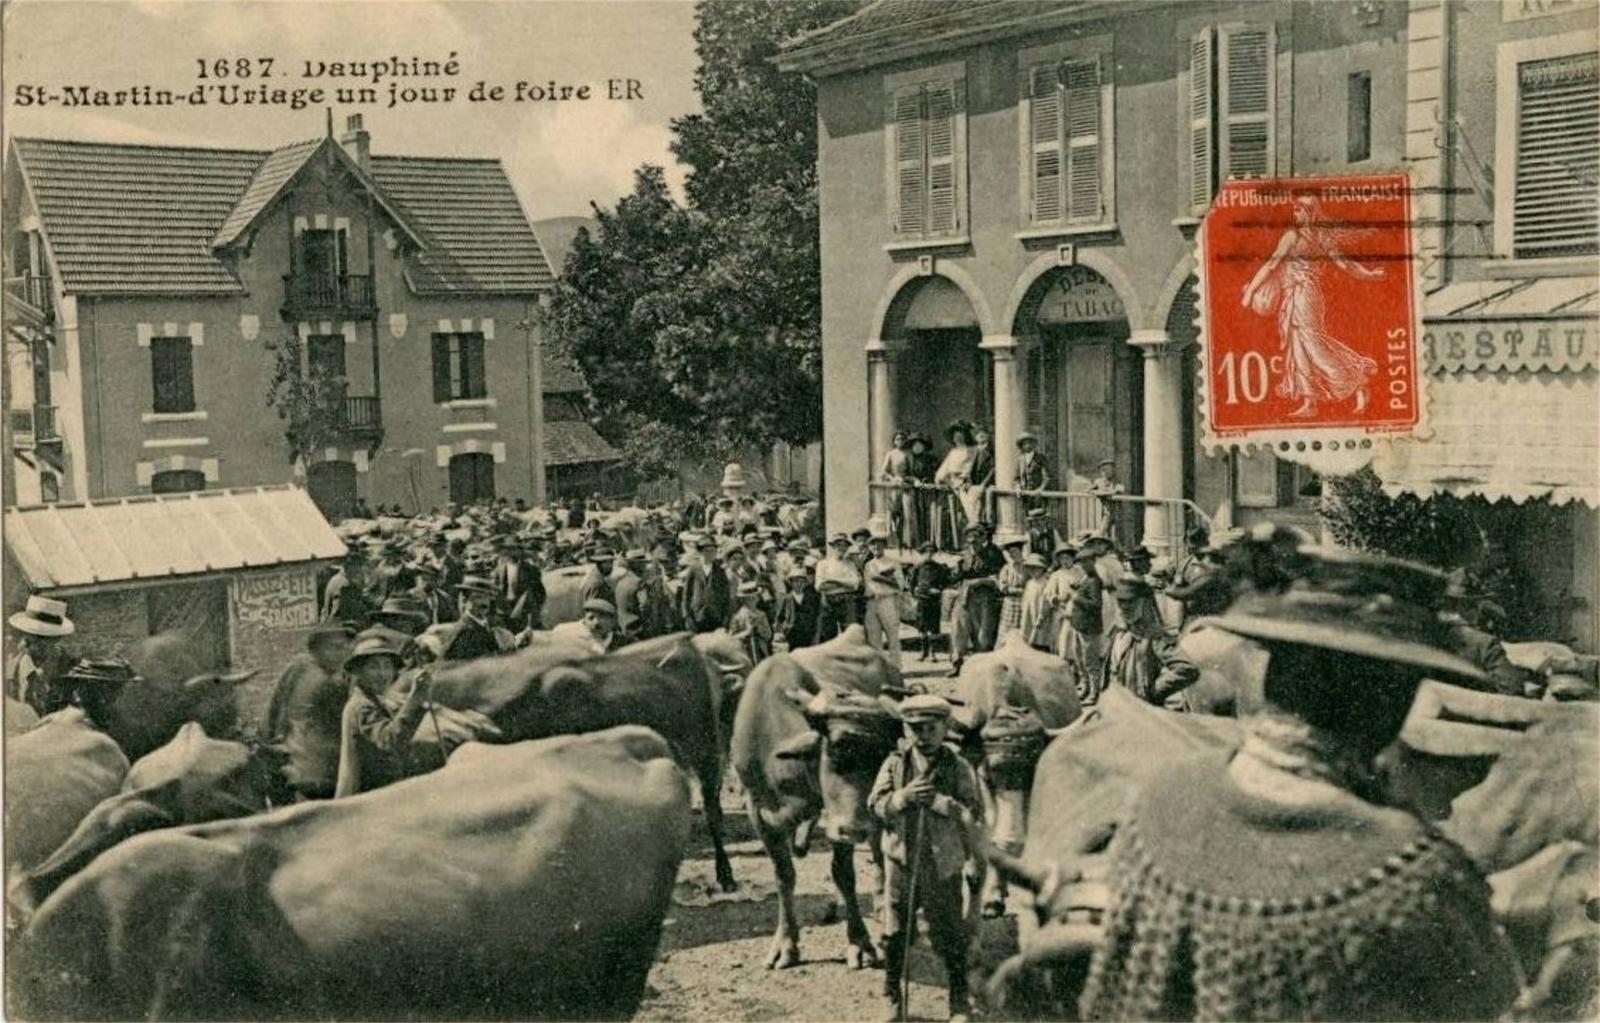 Bibliothèque Saint Martin D Uriage st-martin-d'uriage - recherche de cartes postales - geneanet